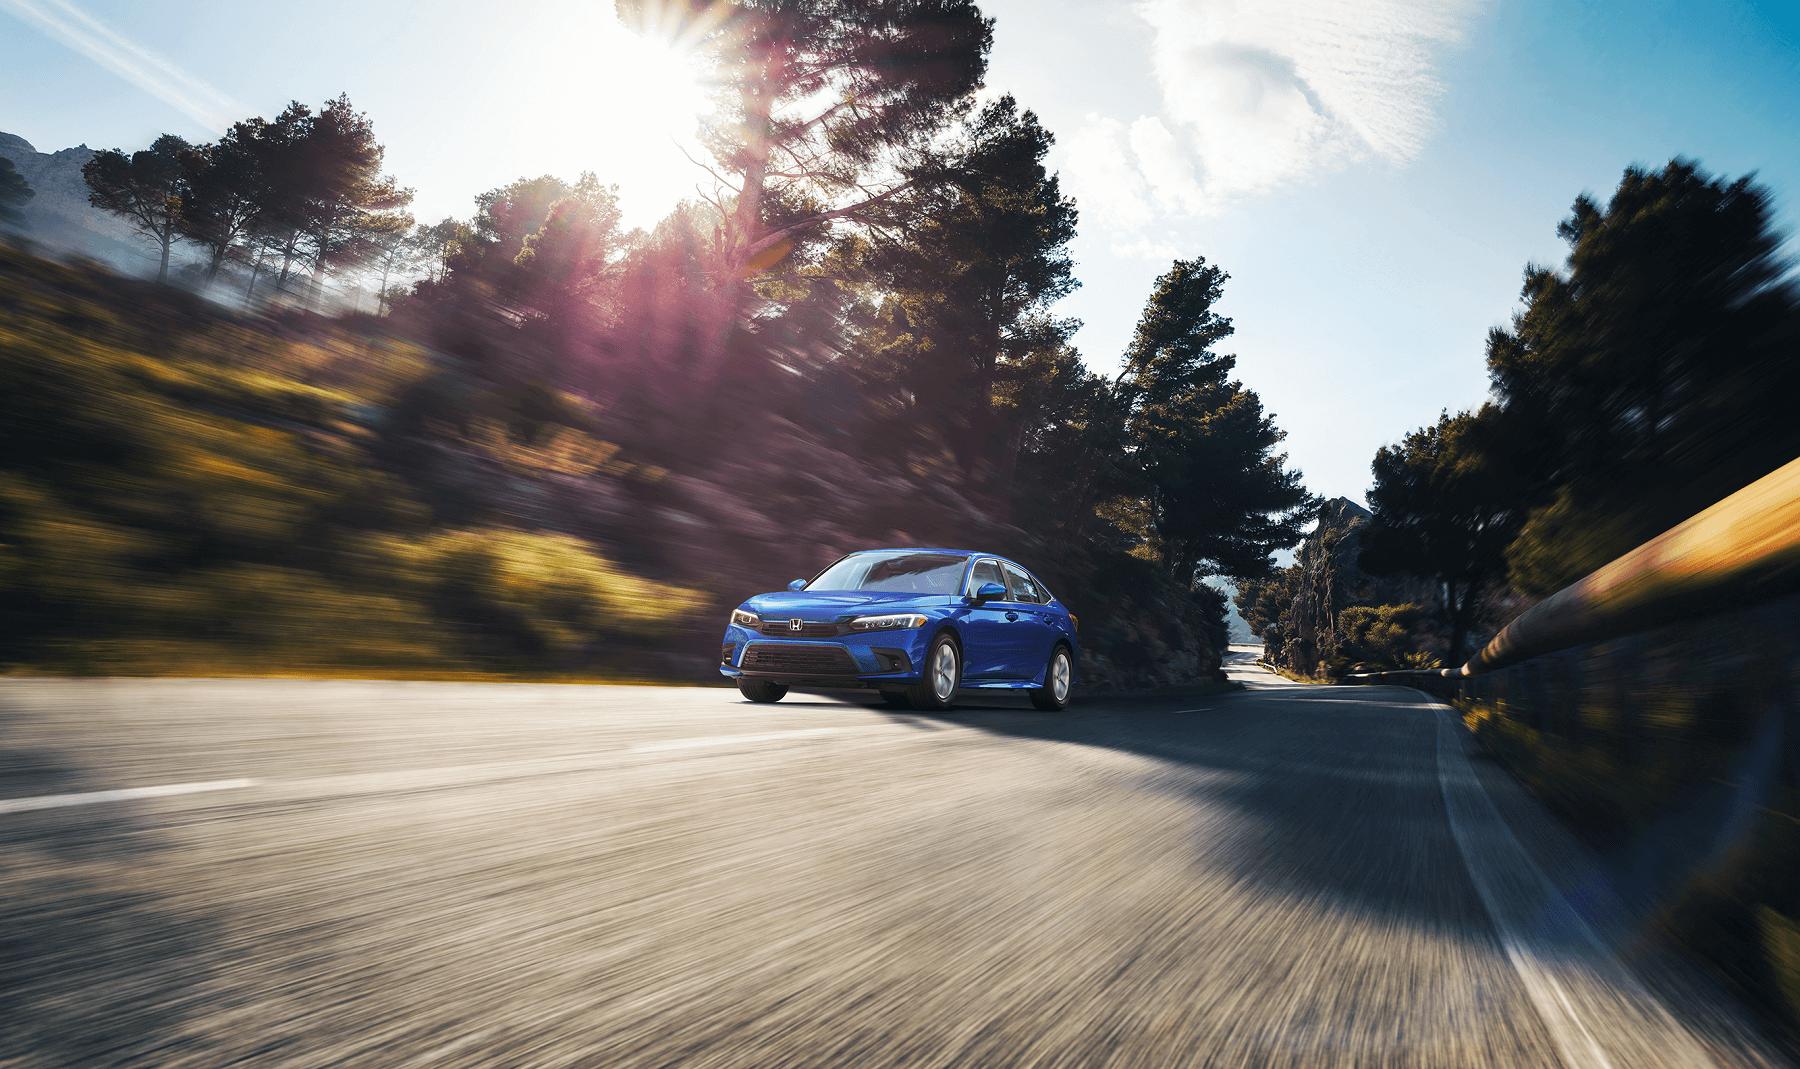 2022 Honda Civic Sedan LX in Blue